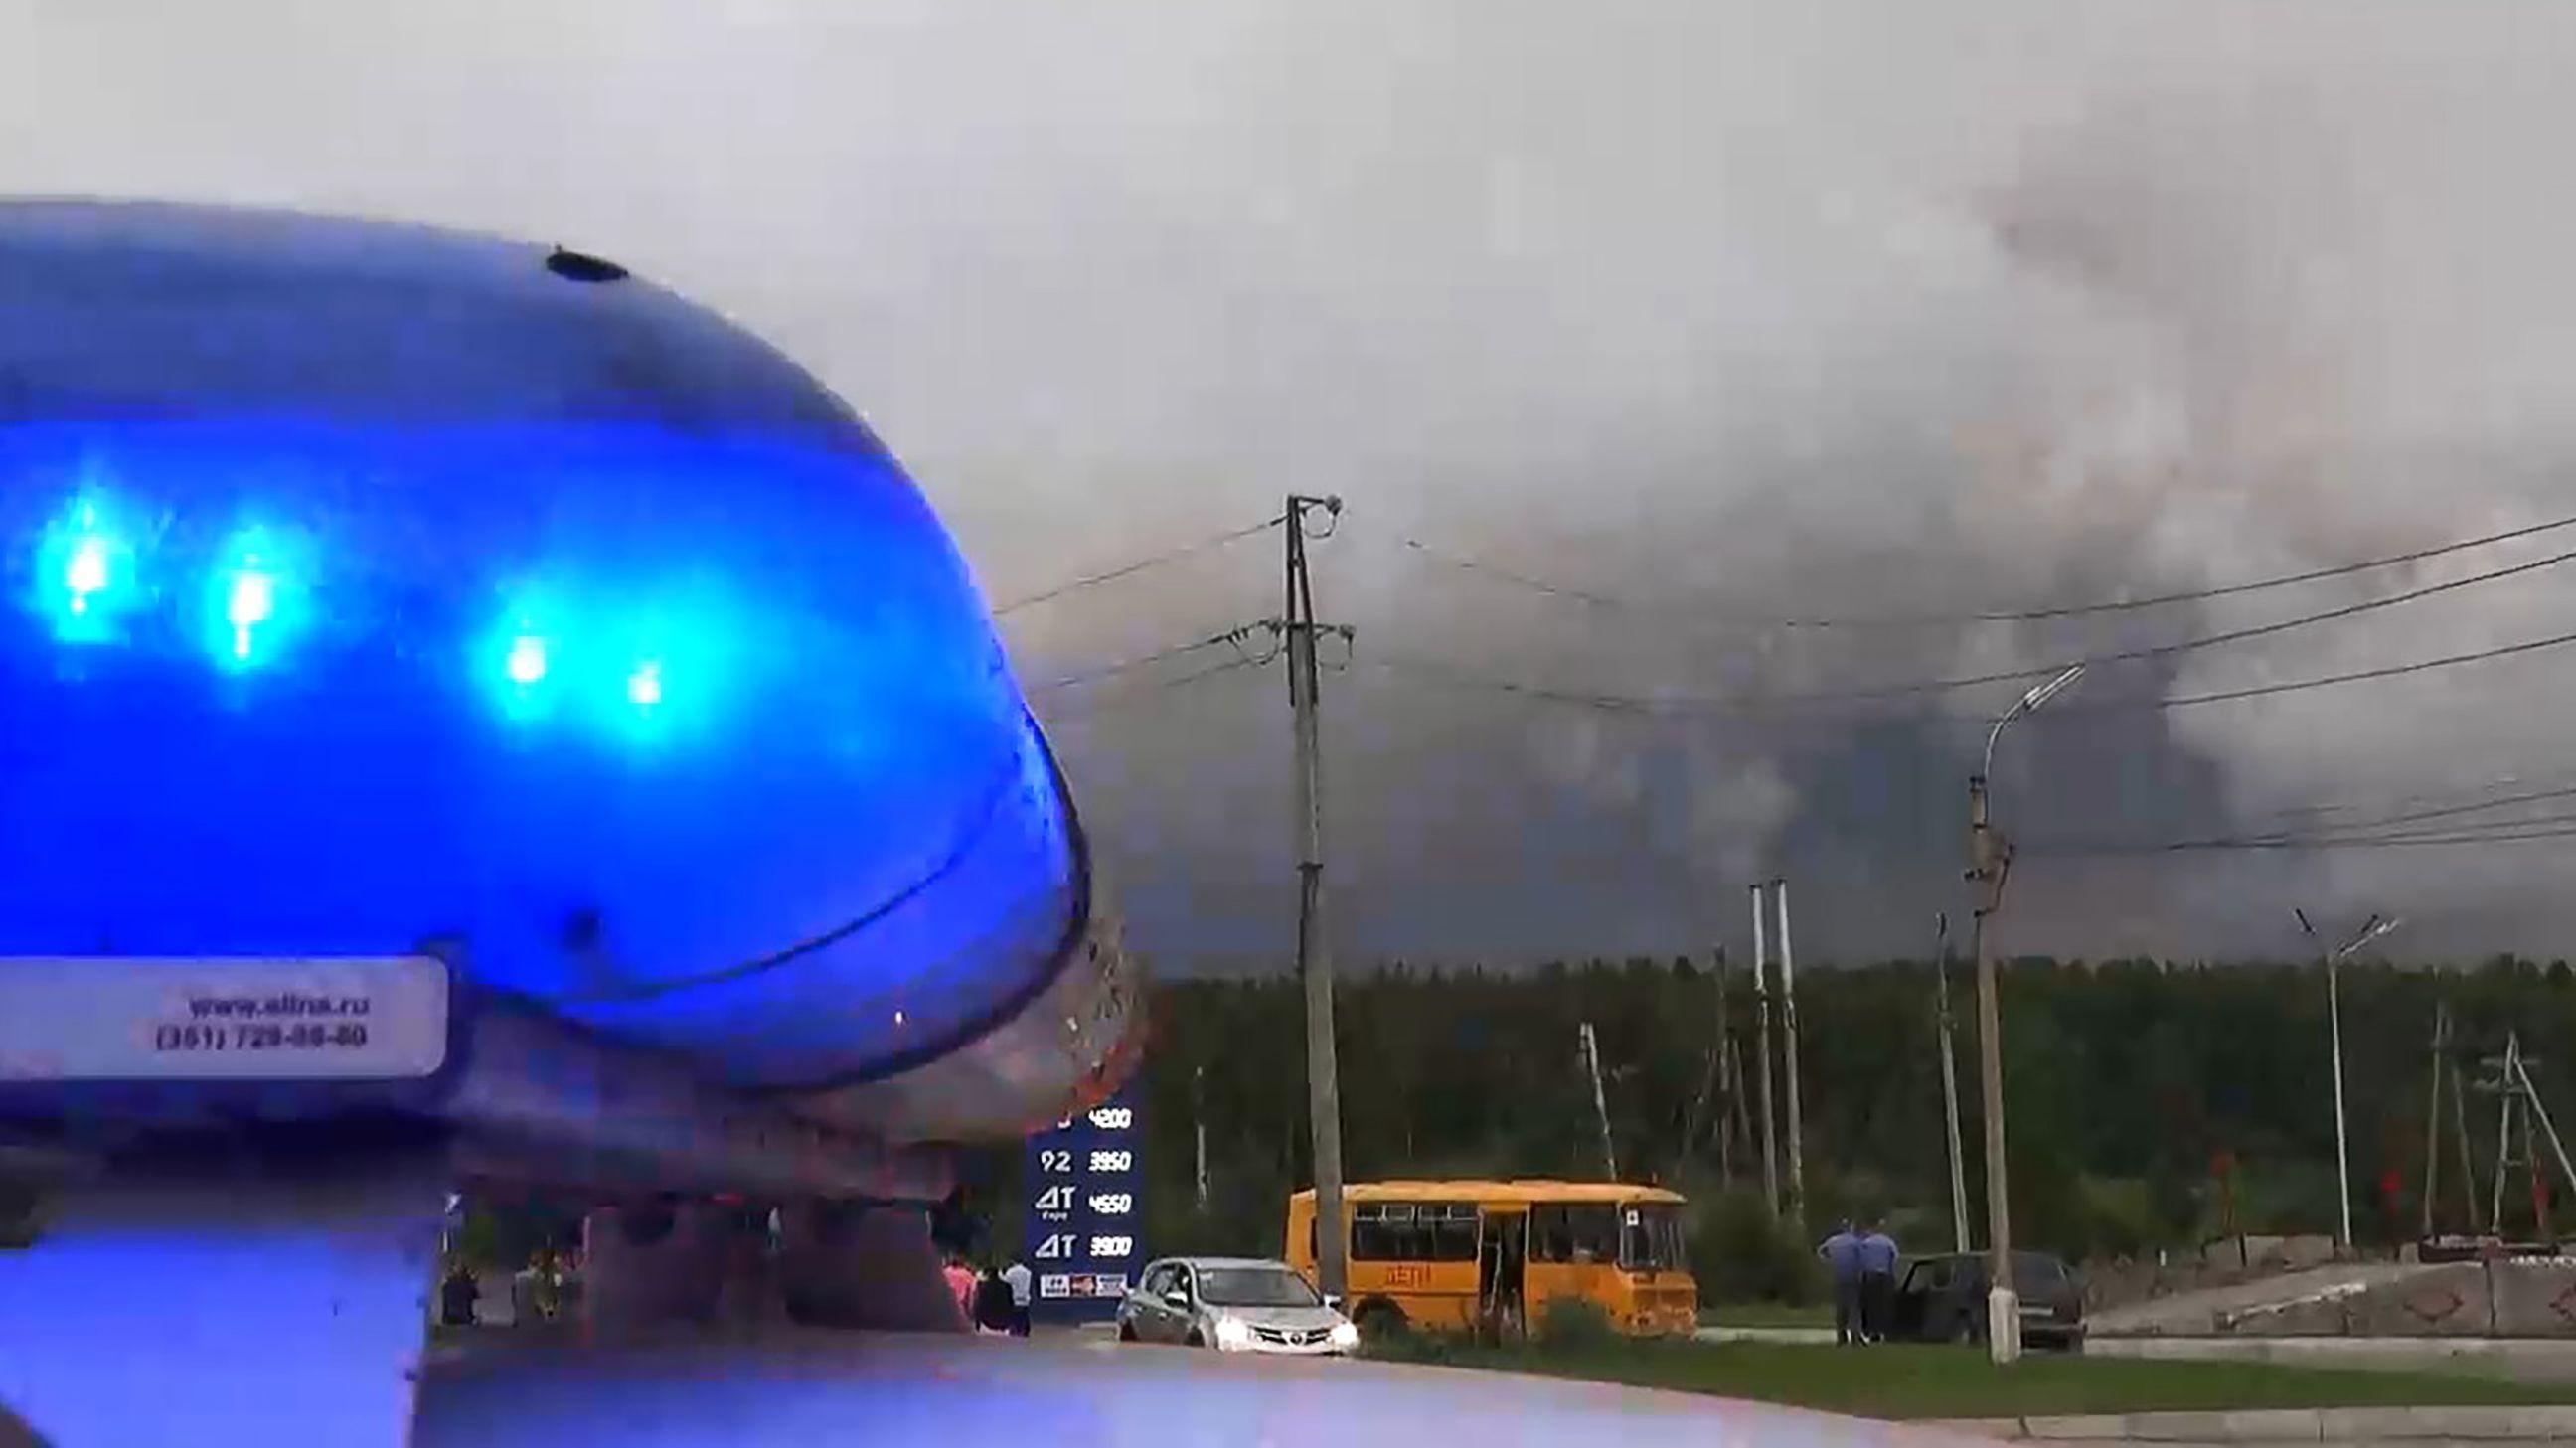 Polizeisperre nach Raketenunfall im Gebiet Krasnoyarsk, Russland